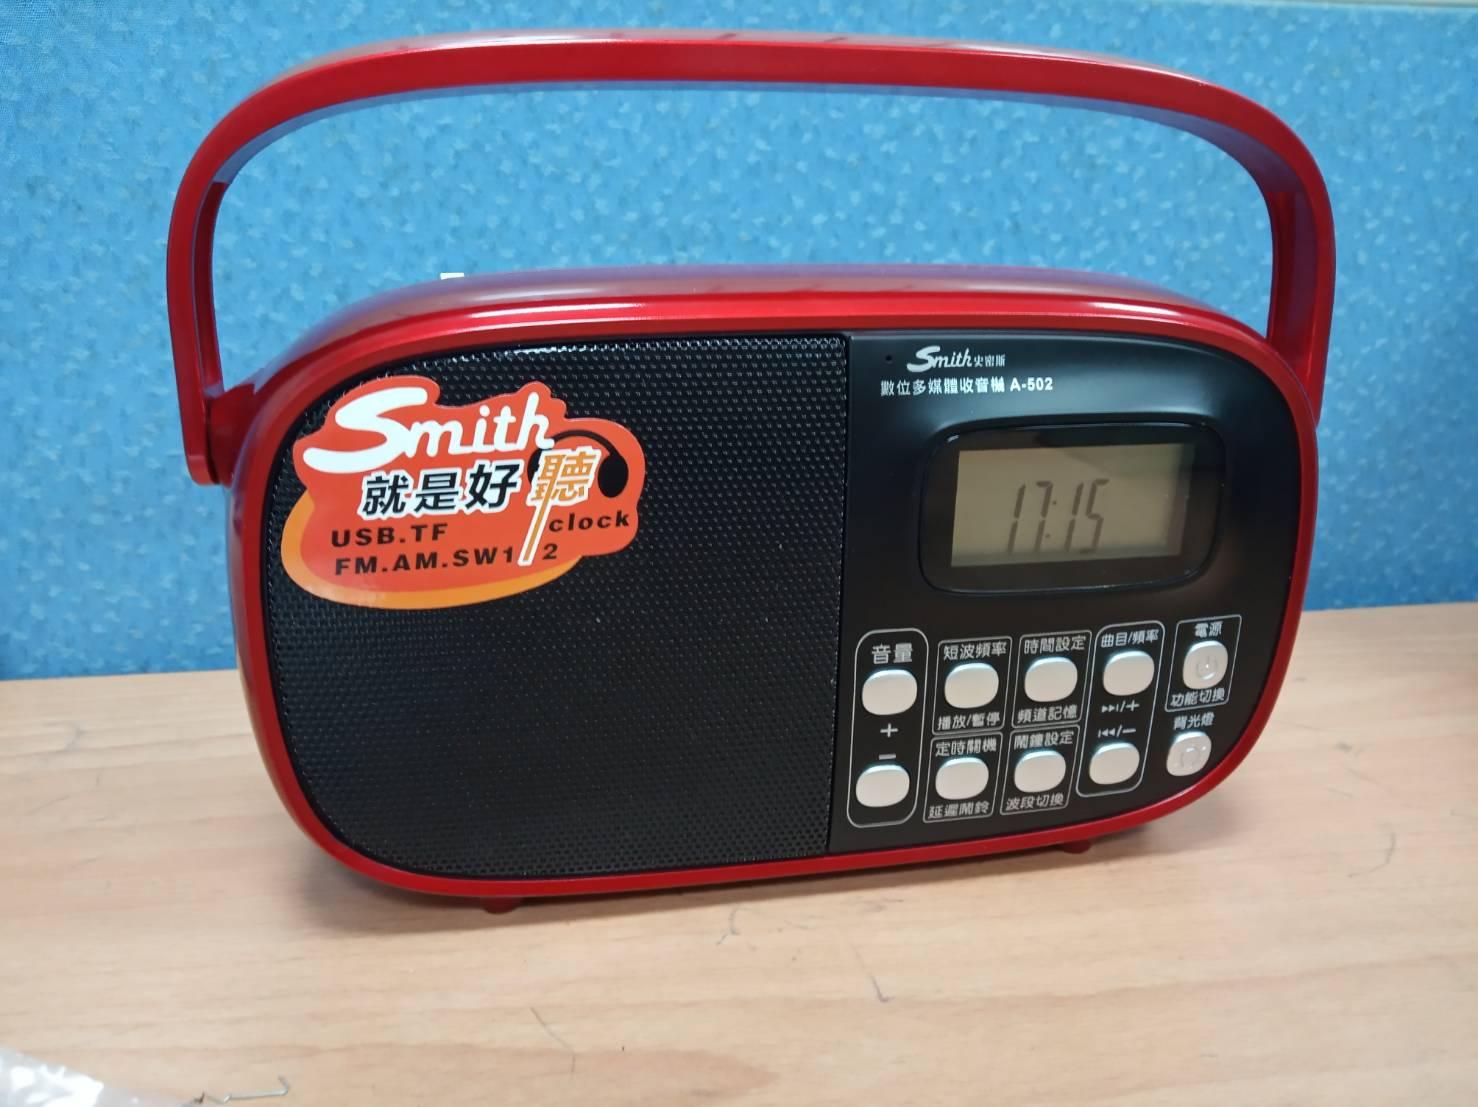 真大聲就是好聽【史密斯】數位媒體4波段收音機《A-502》支援USB /TF.可當鬧鐘使用*全新原廠保固1年